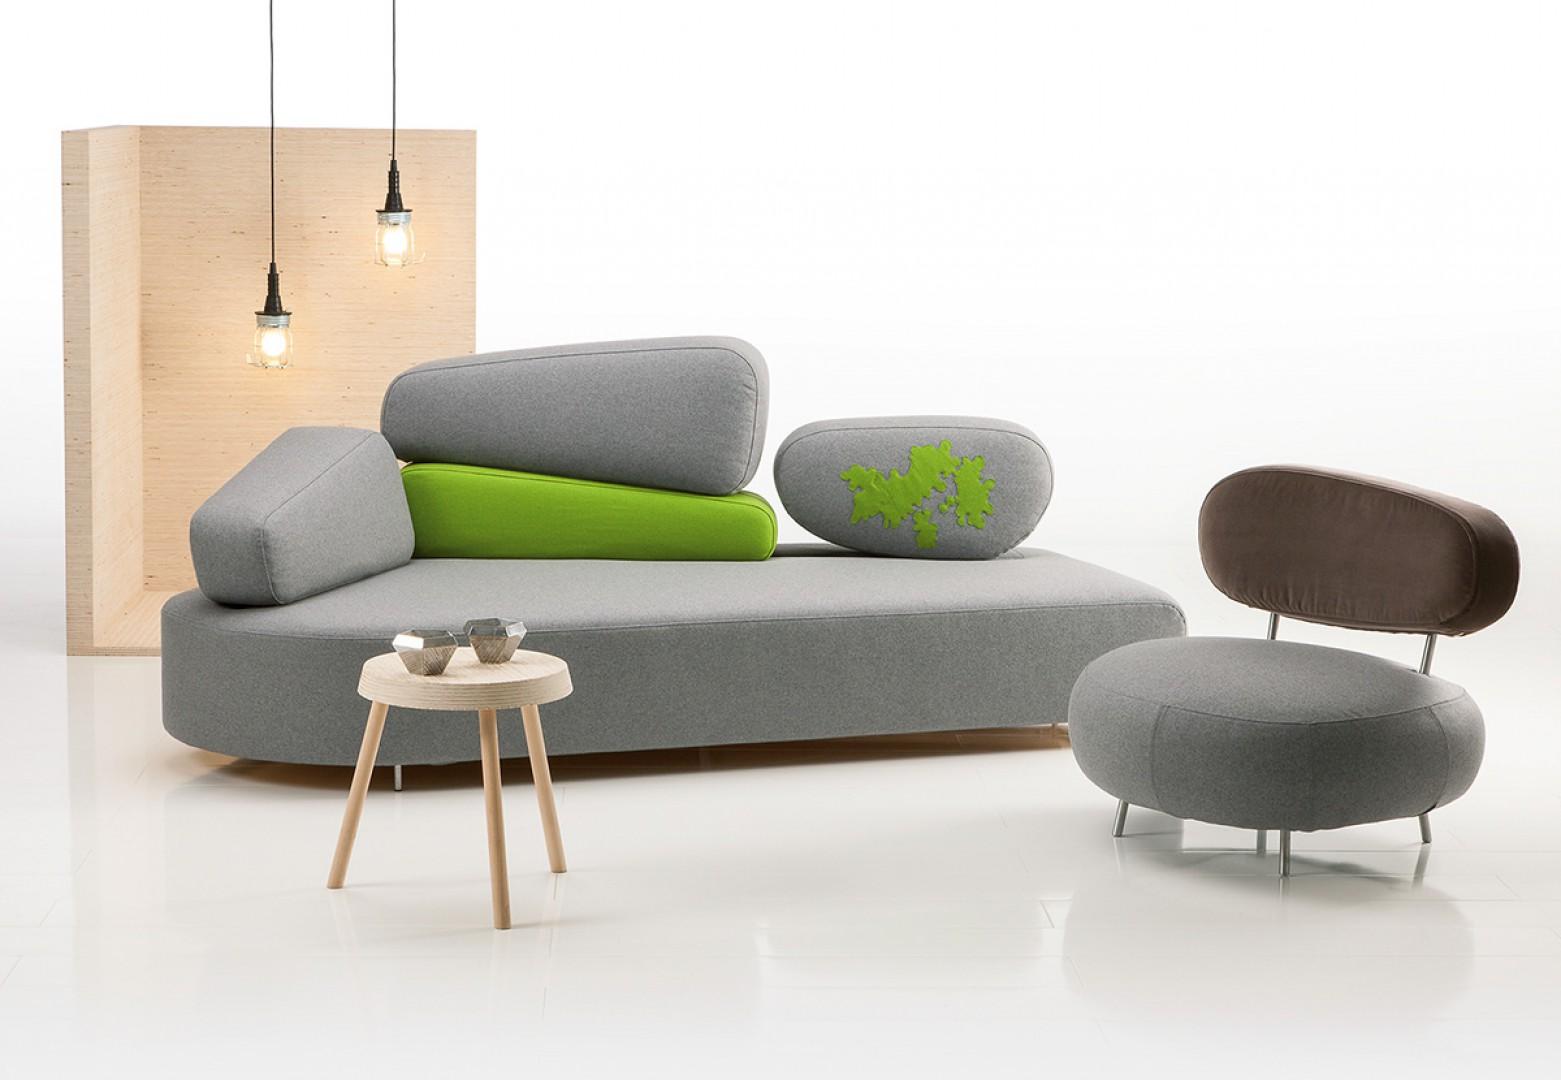 Kolekcja Mosspink niemieckiej firmy Bruhl. Fot. Bruhl